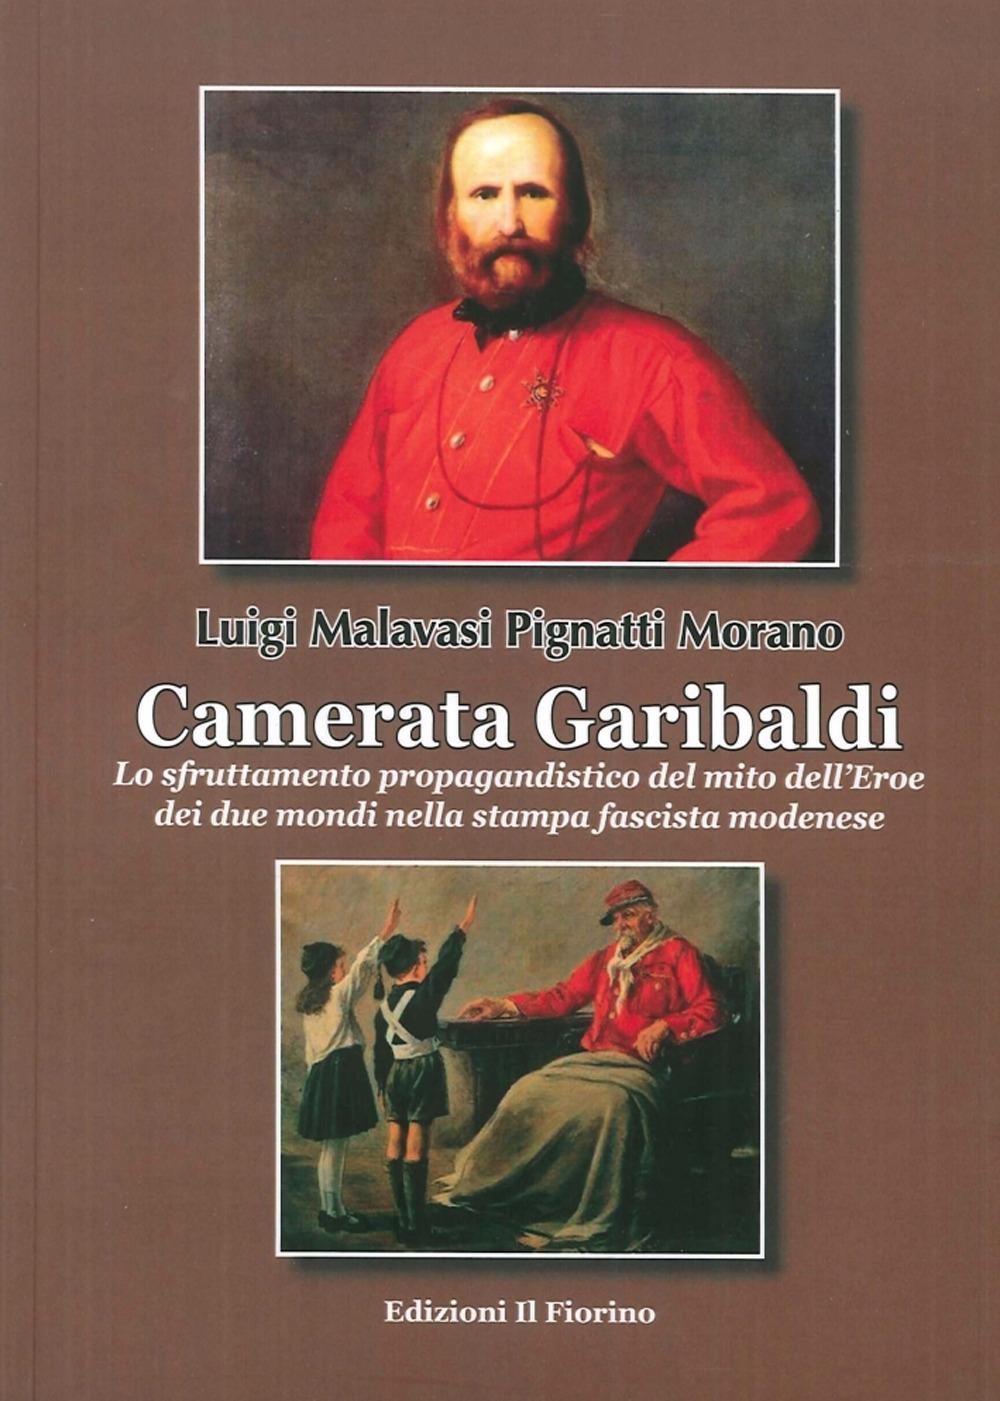 Camerata Garibaldi. Lo sfruttamento propagandistico del mito dell'Eroe dei due mondi nella stampa fascista modenese